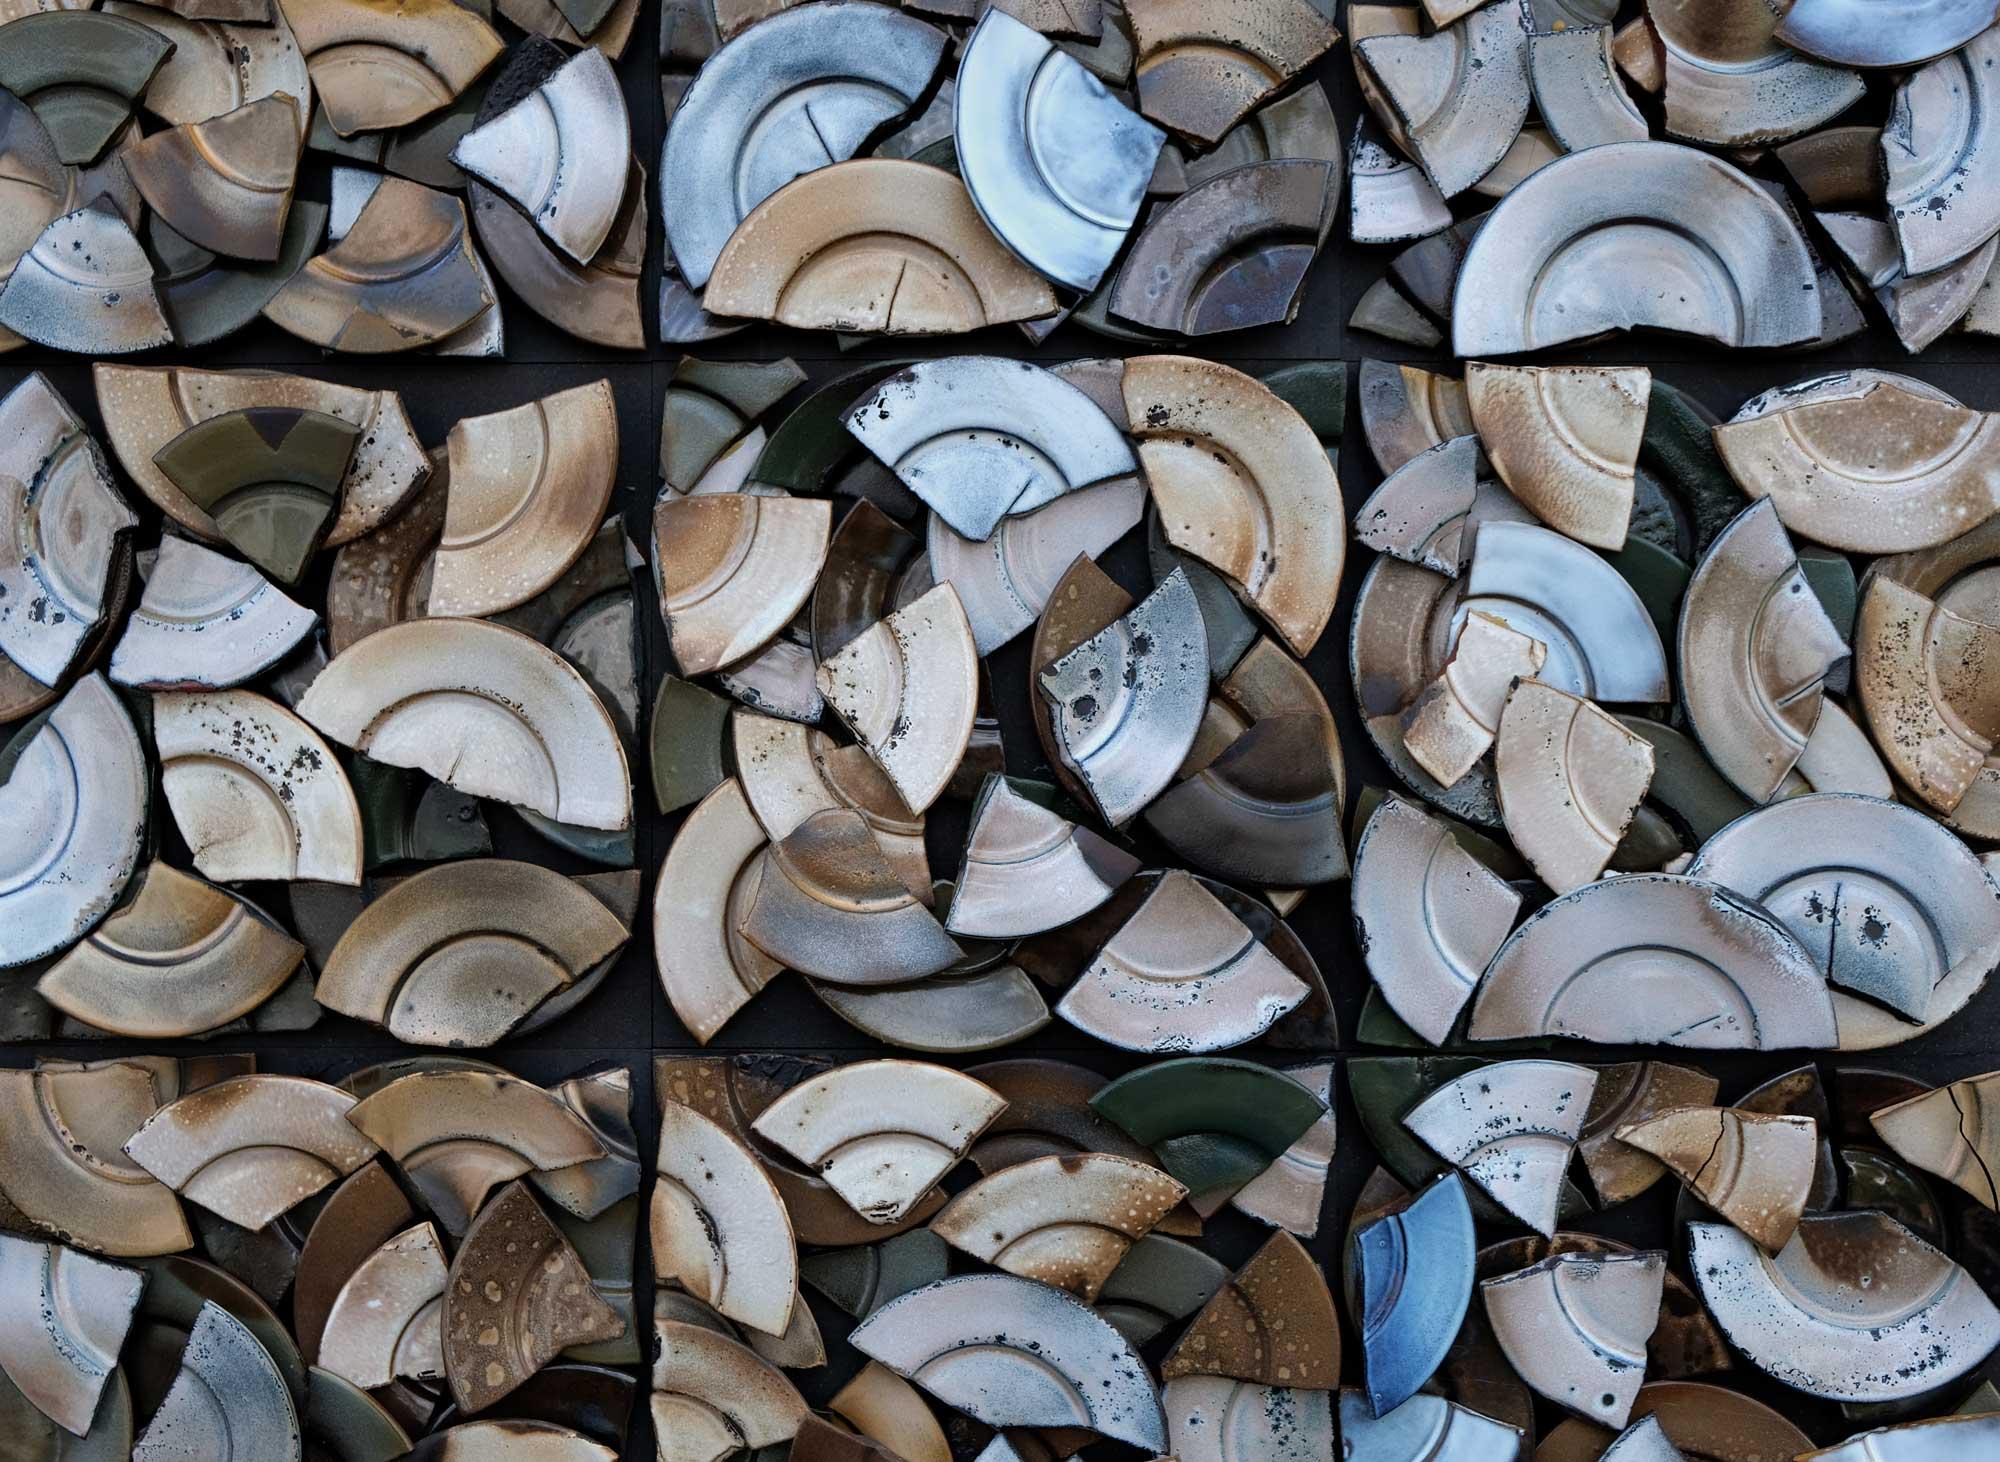 keramik-wandpaneele-zerschlagne-teller-schaerbenglueck